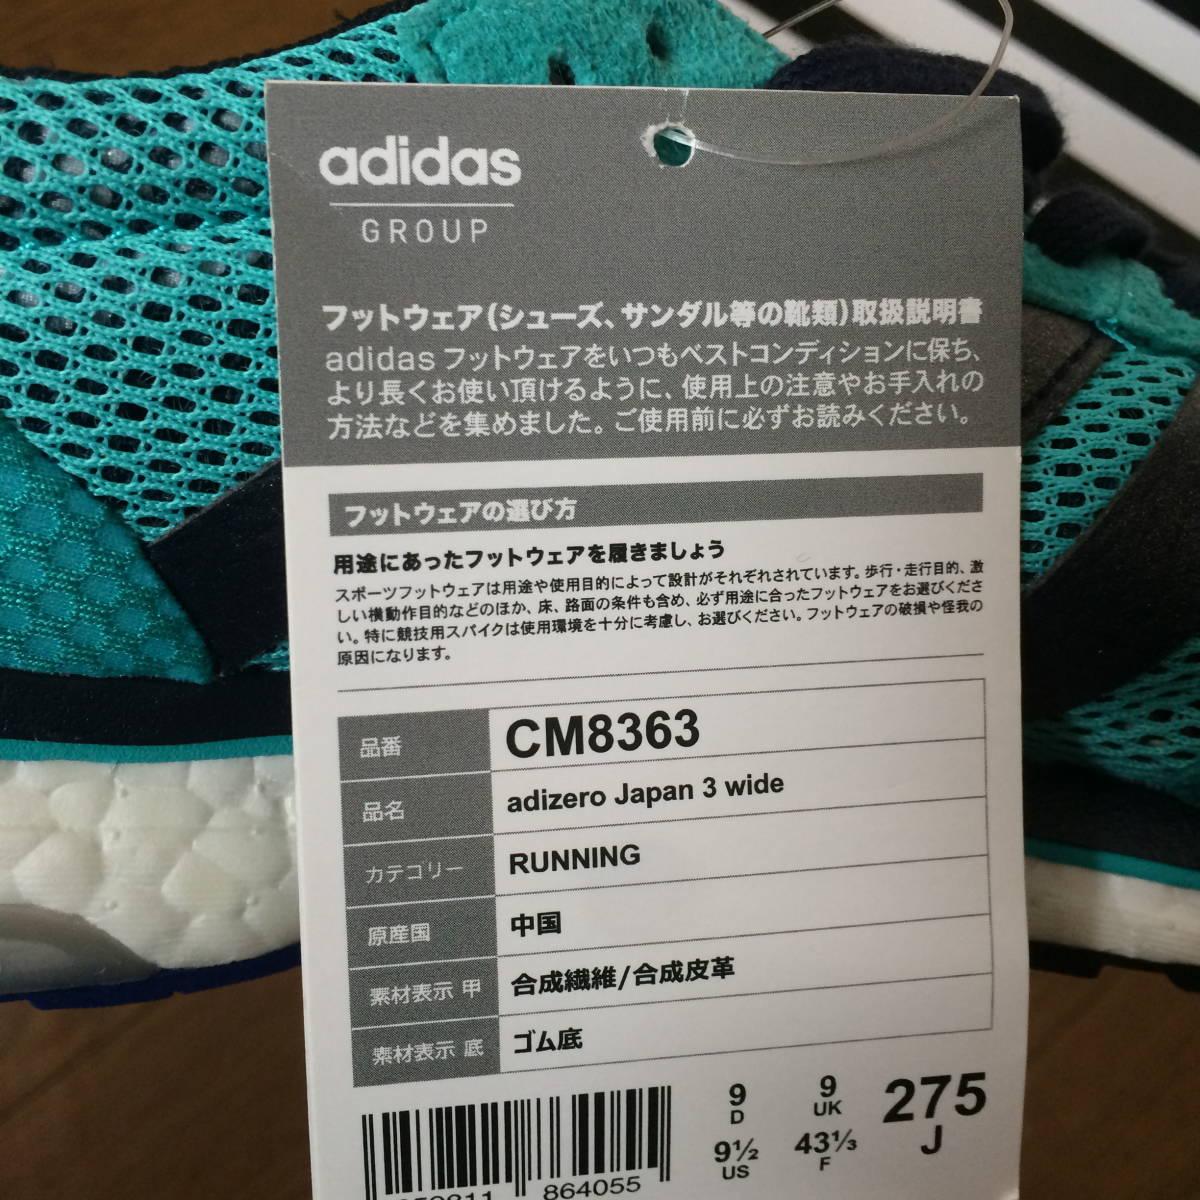 新品【国内正規 27.5cm】adidas adizero Japan 3 WIDE アディダス アディゼロ ジャパン 3 ワイド CM8363 ランニング【即決 即発送】_画像5